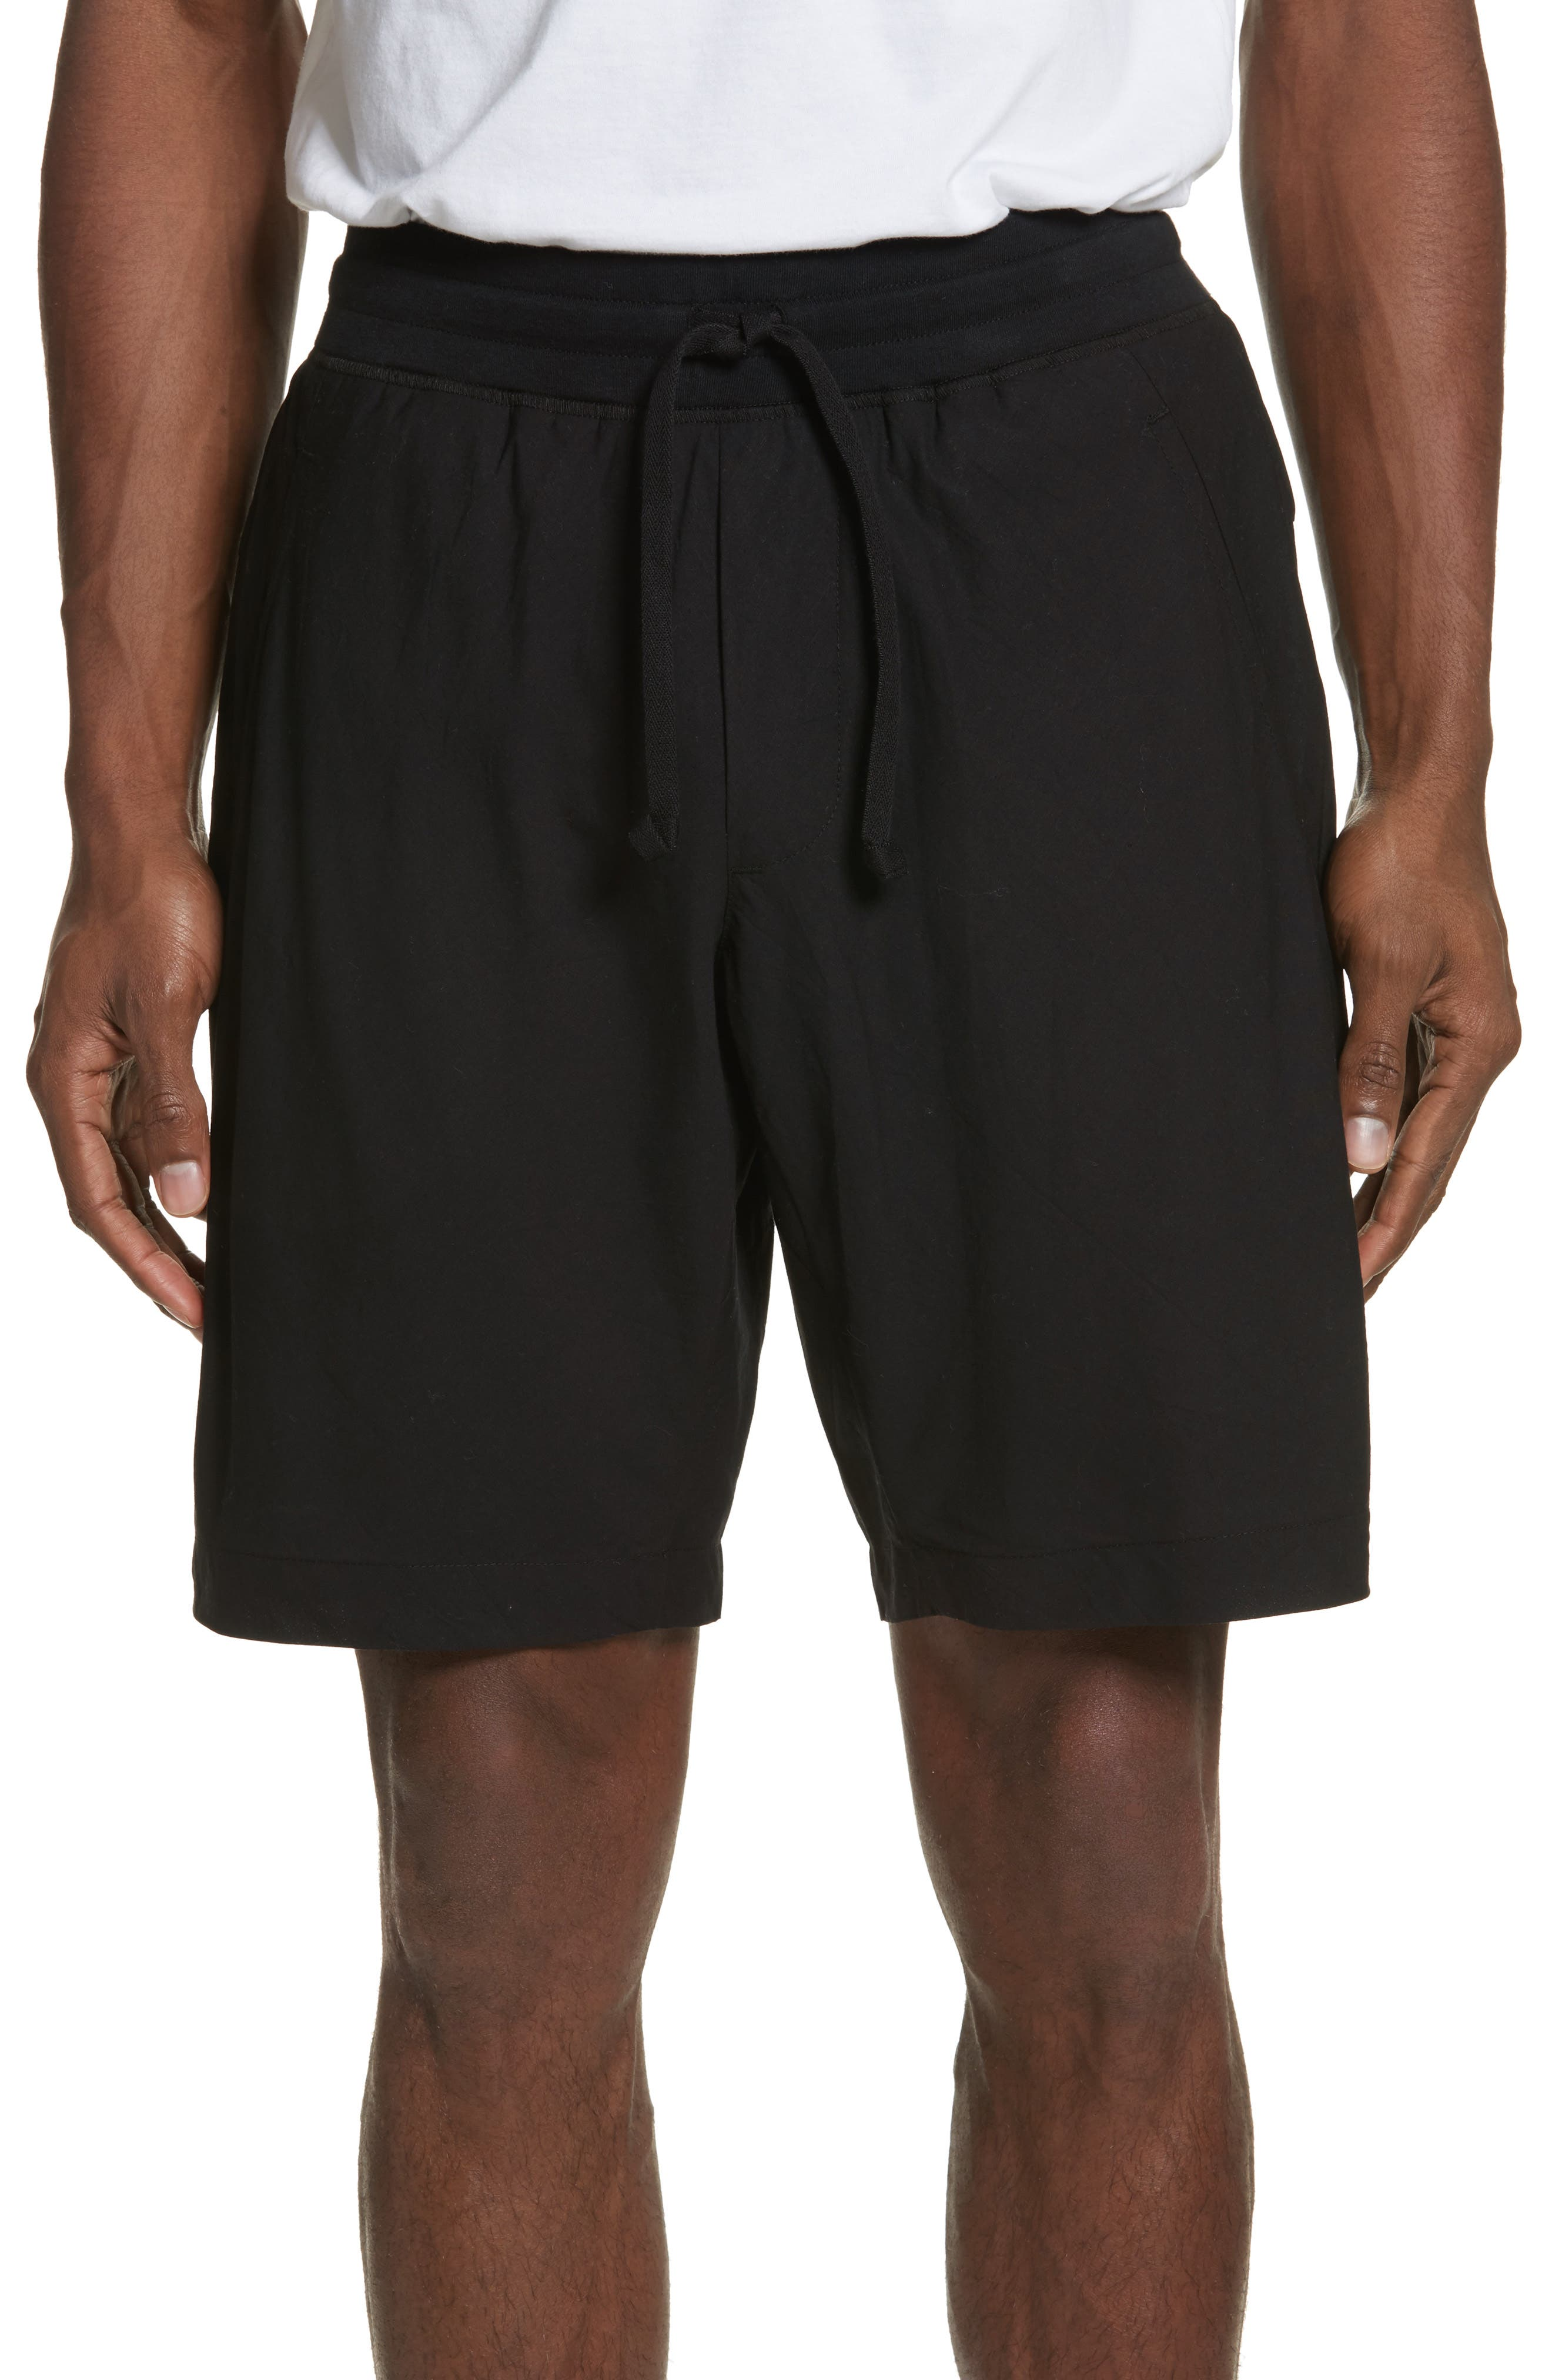 Overlay Shorts,                             Main thumbnail 1, color,                             Black